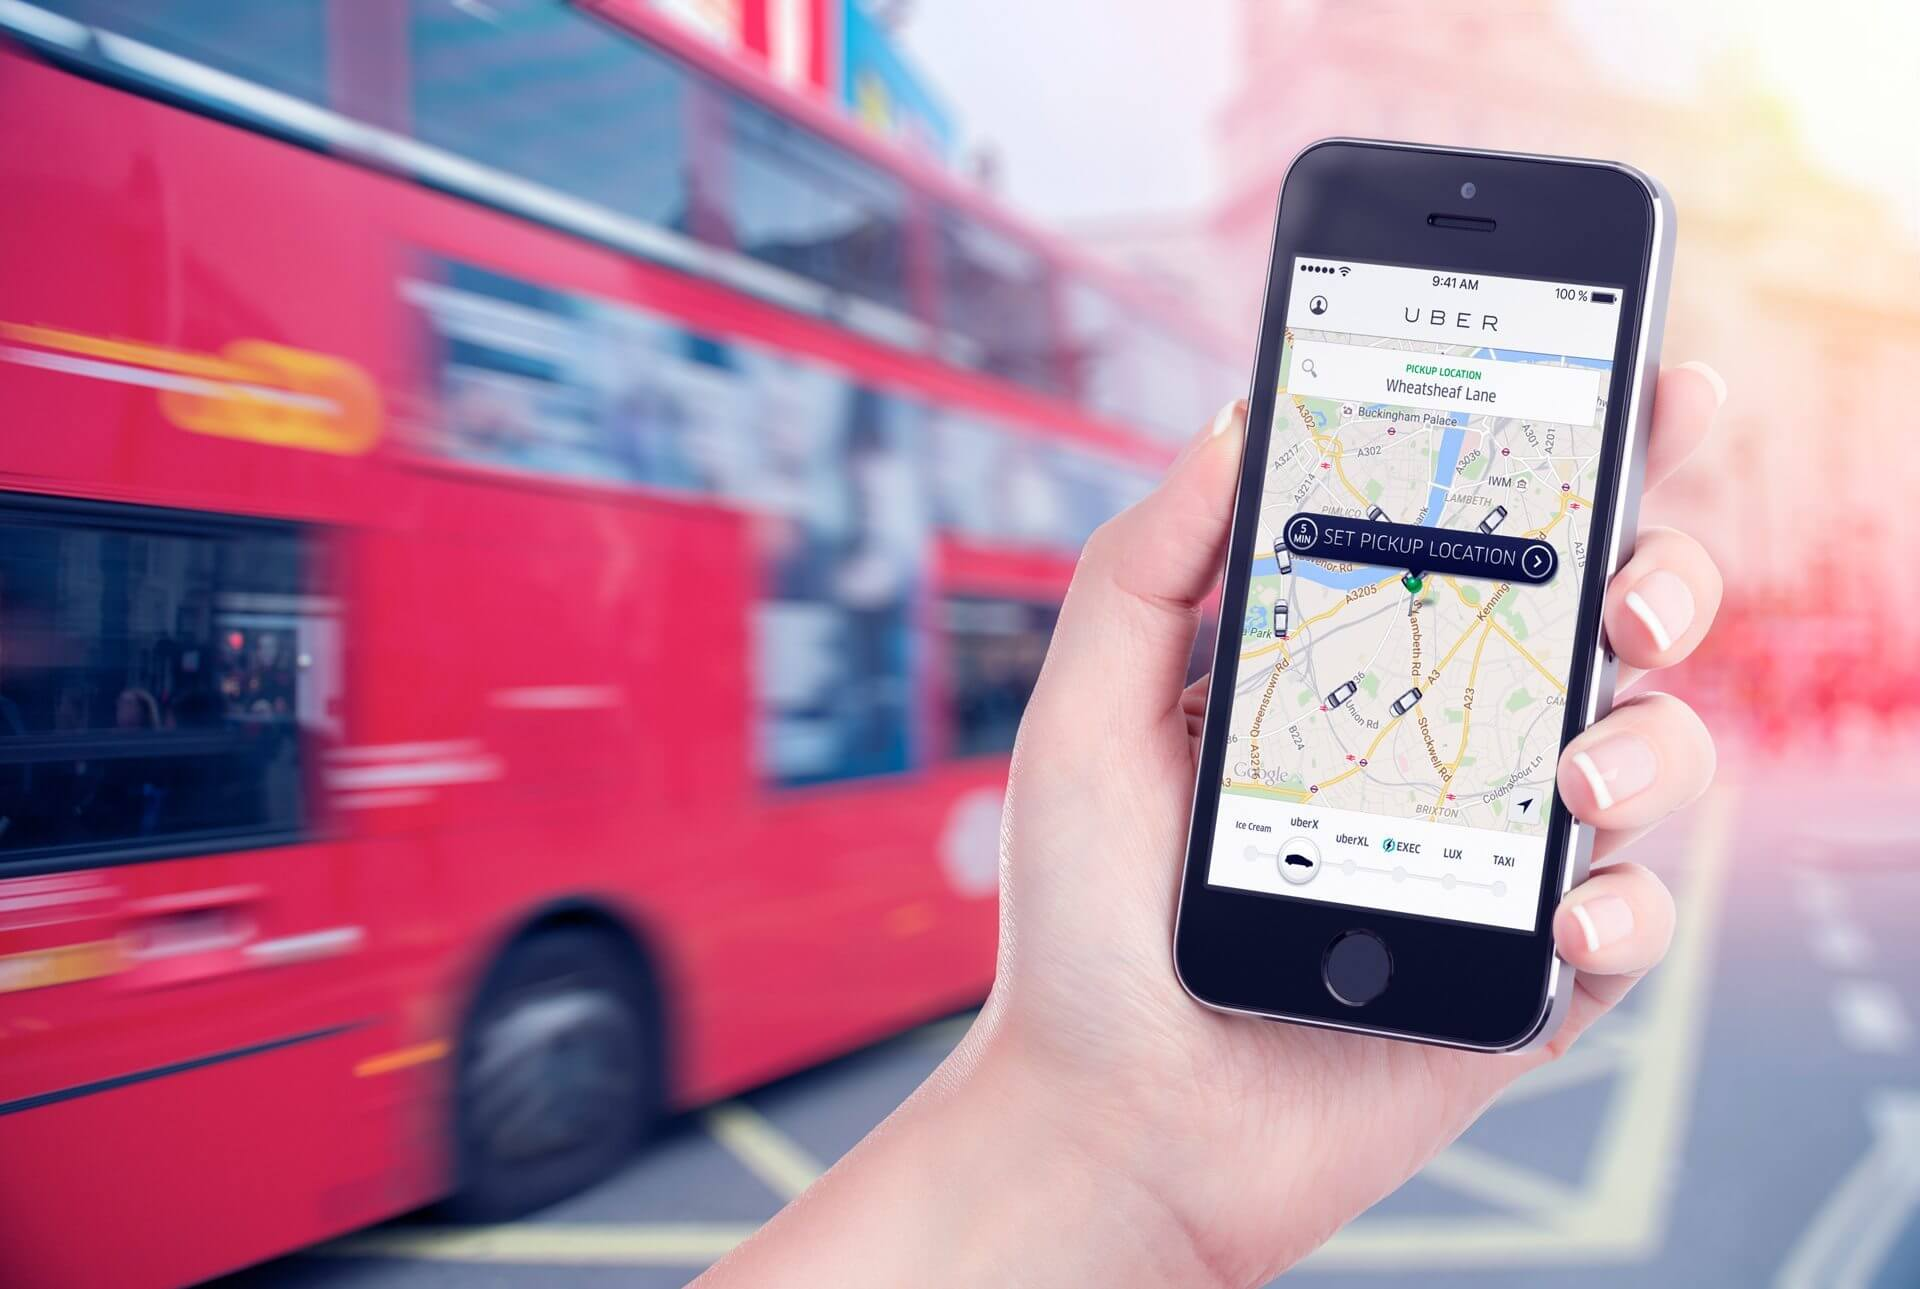 Como usar código promocional Uber para viajar de graça - Tutorial: como ganhar viagens de graça no Uber